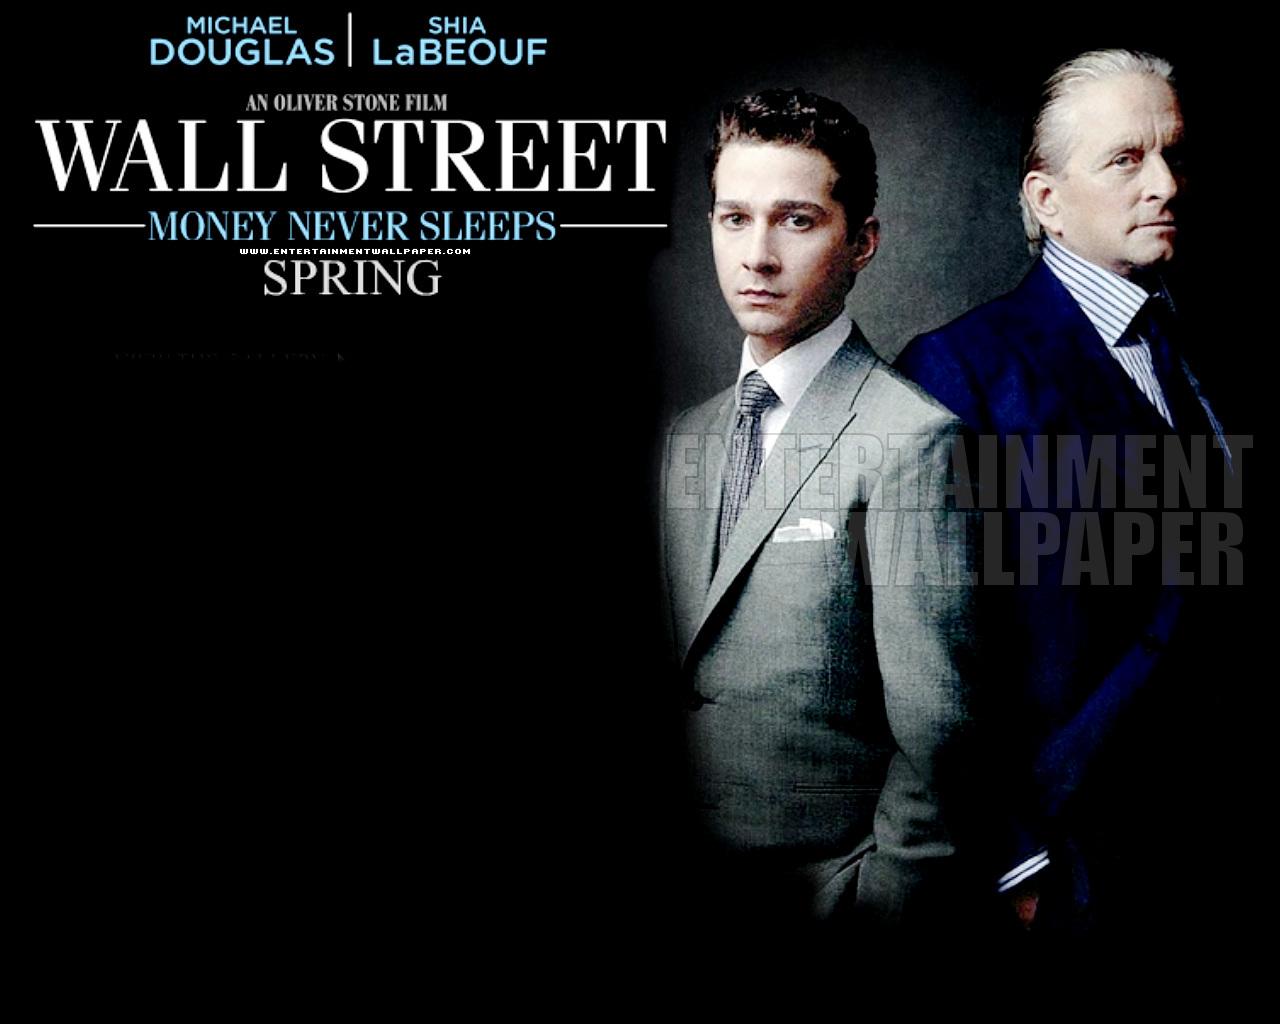 leshch: С 30 сентября в кинотеатрах Уолл Стрит: Деньги не спят!